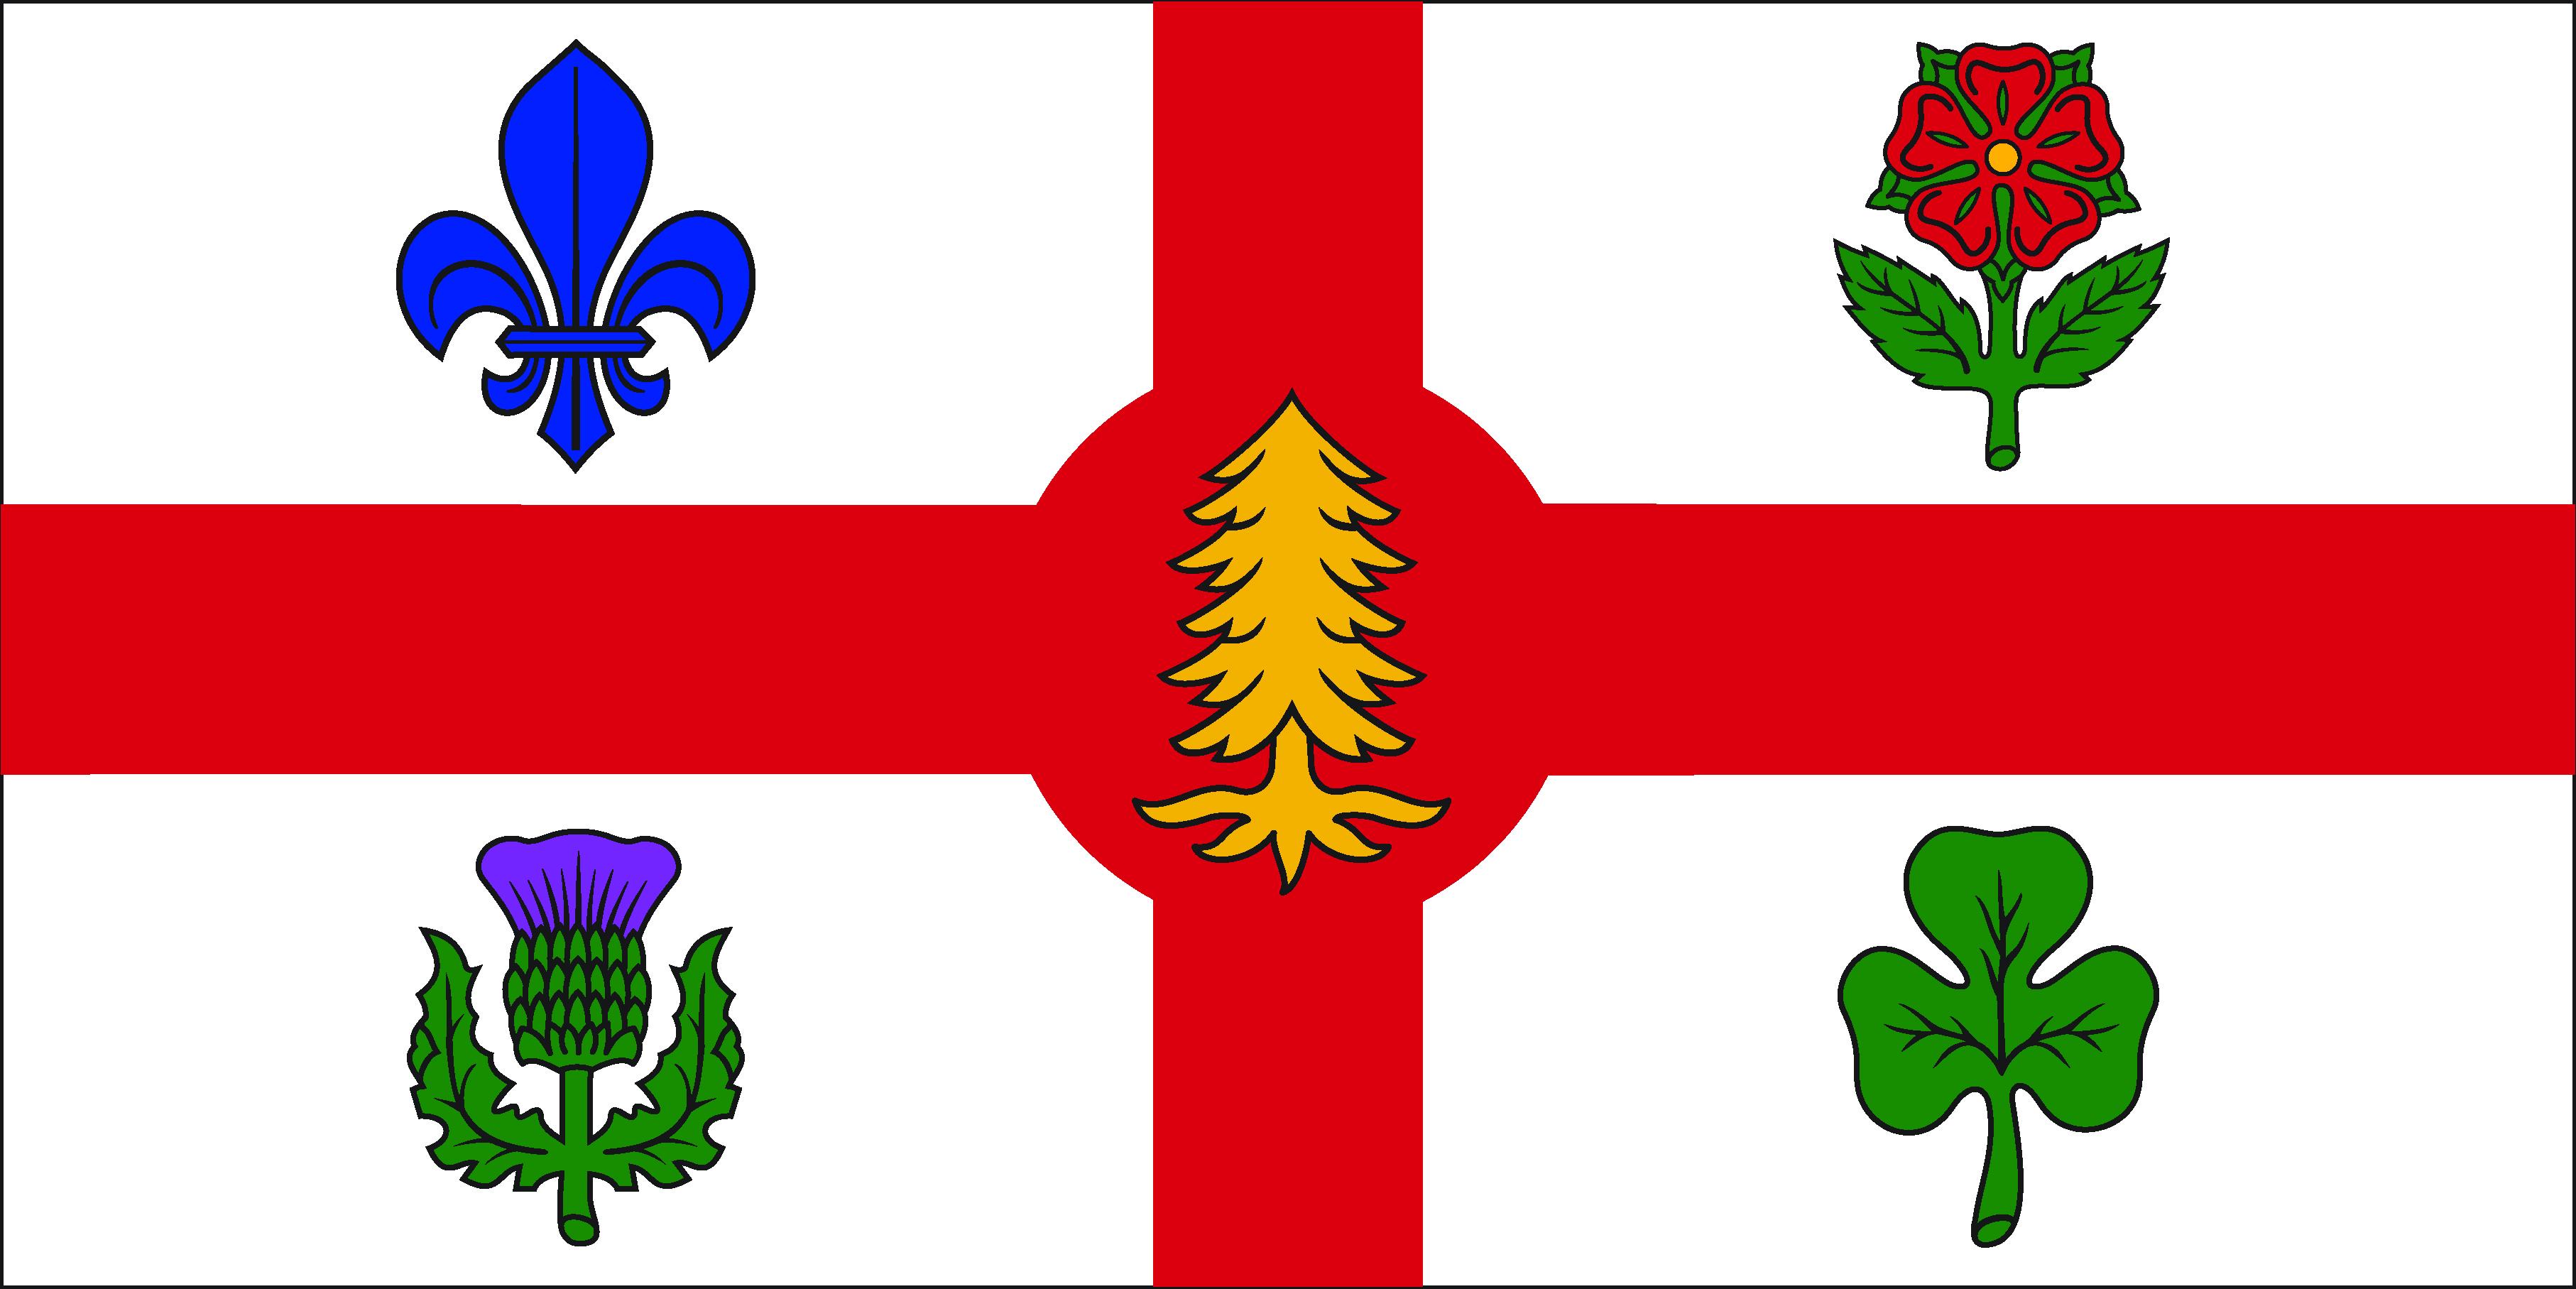 Le drapeau de la Ville de Montréal